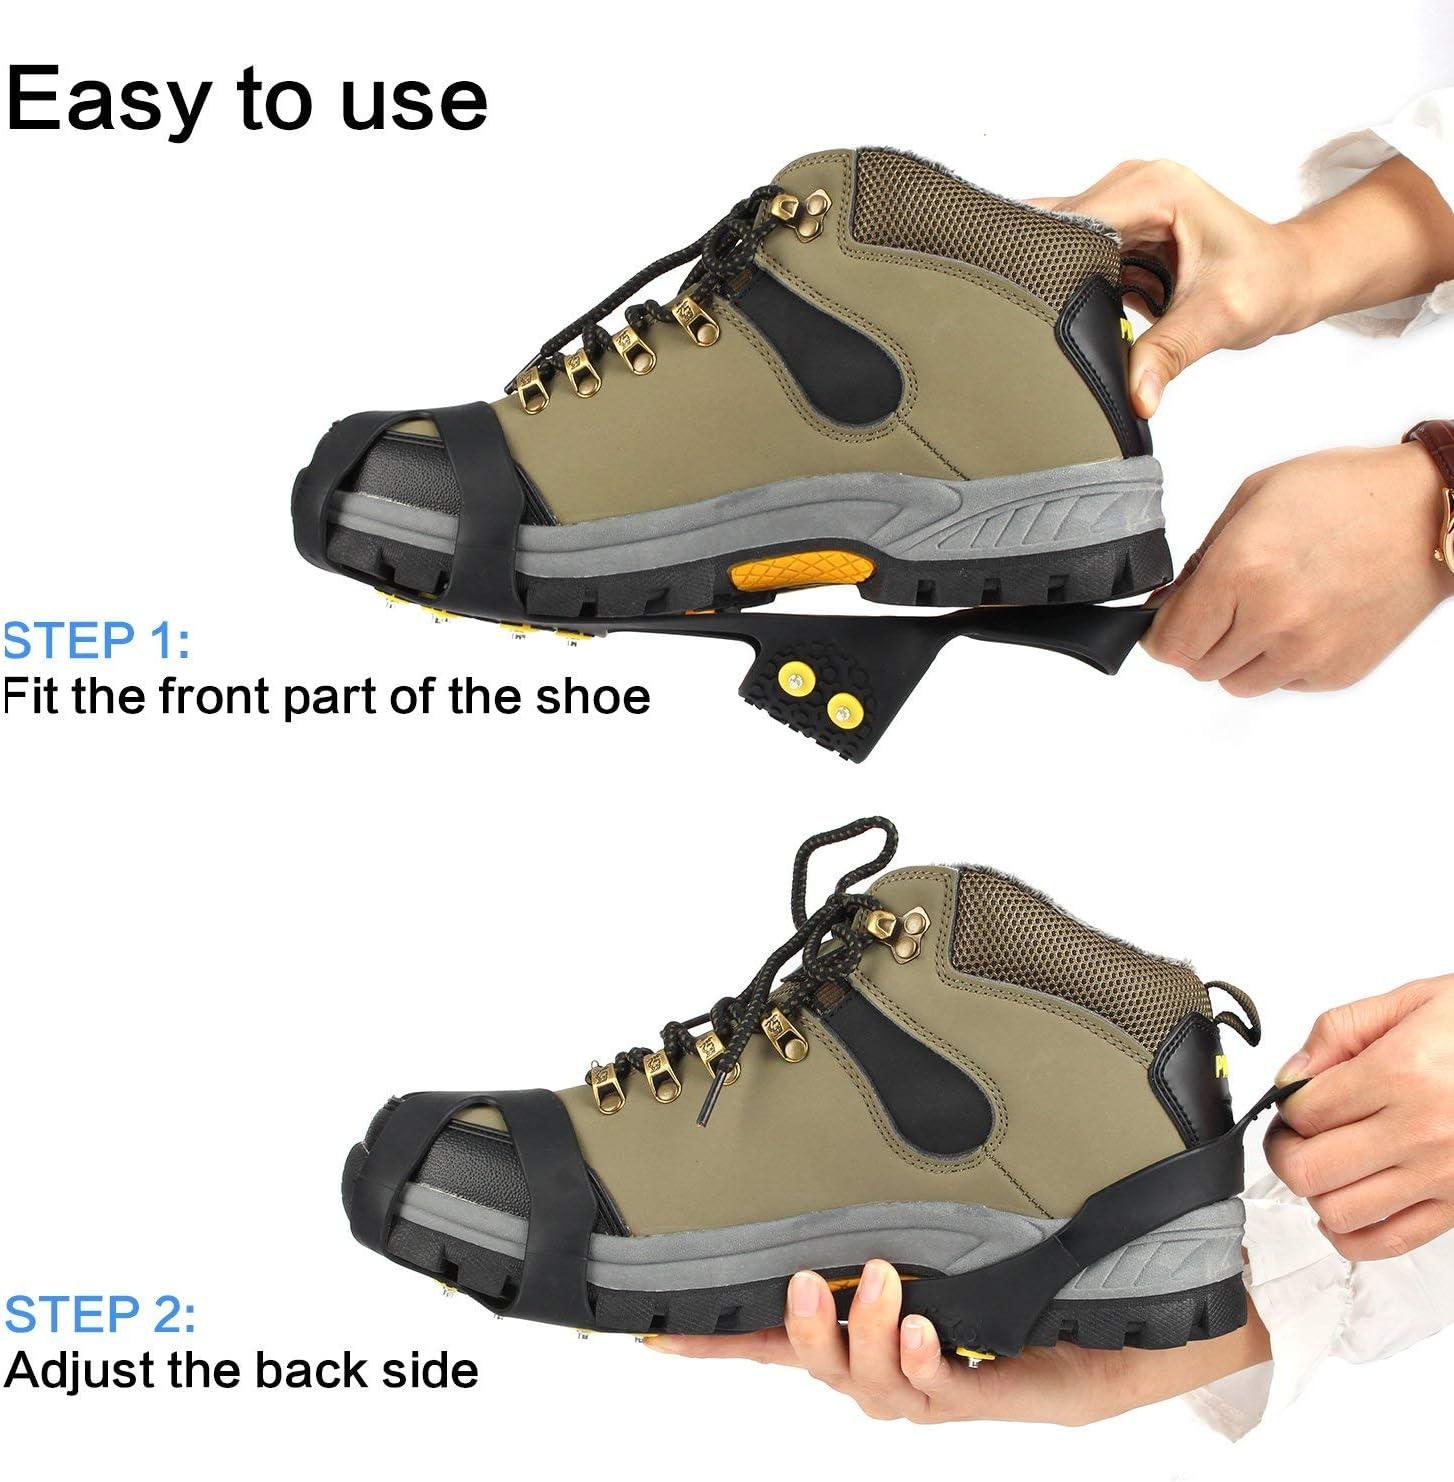 EONPOW Schuh Spikes 1 Paar Schuhspikes Schuhkralle Schuhkrallen EIS Spikes Shoe Spikes Anti Rutsch Sohle EIS Schneekette f/ür Den Stiefel